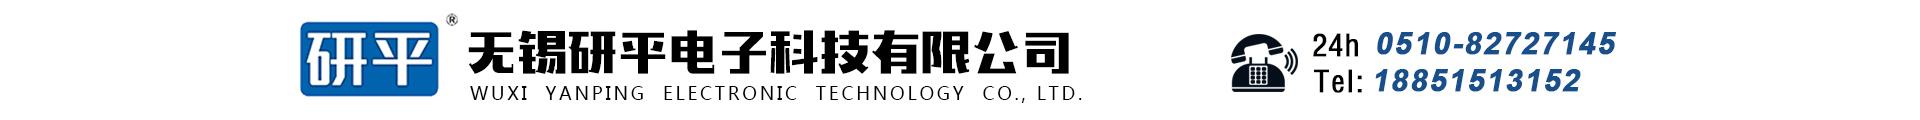 无锡研平电子科技有限公司